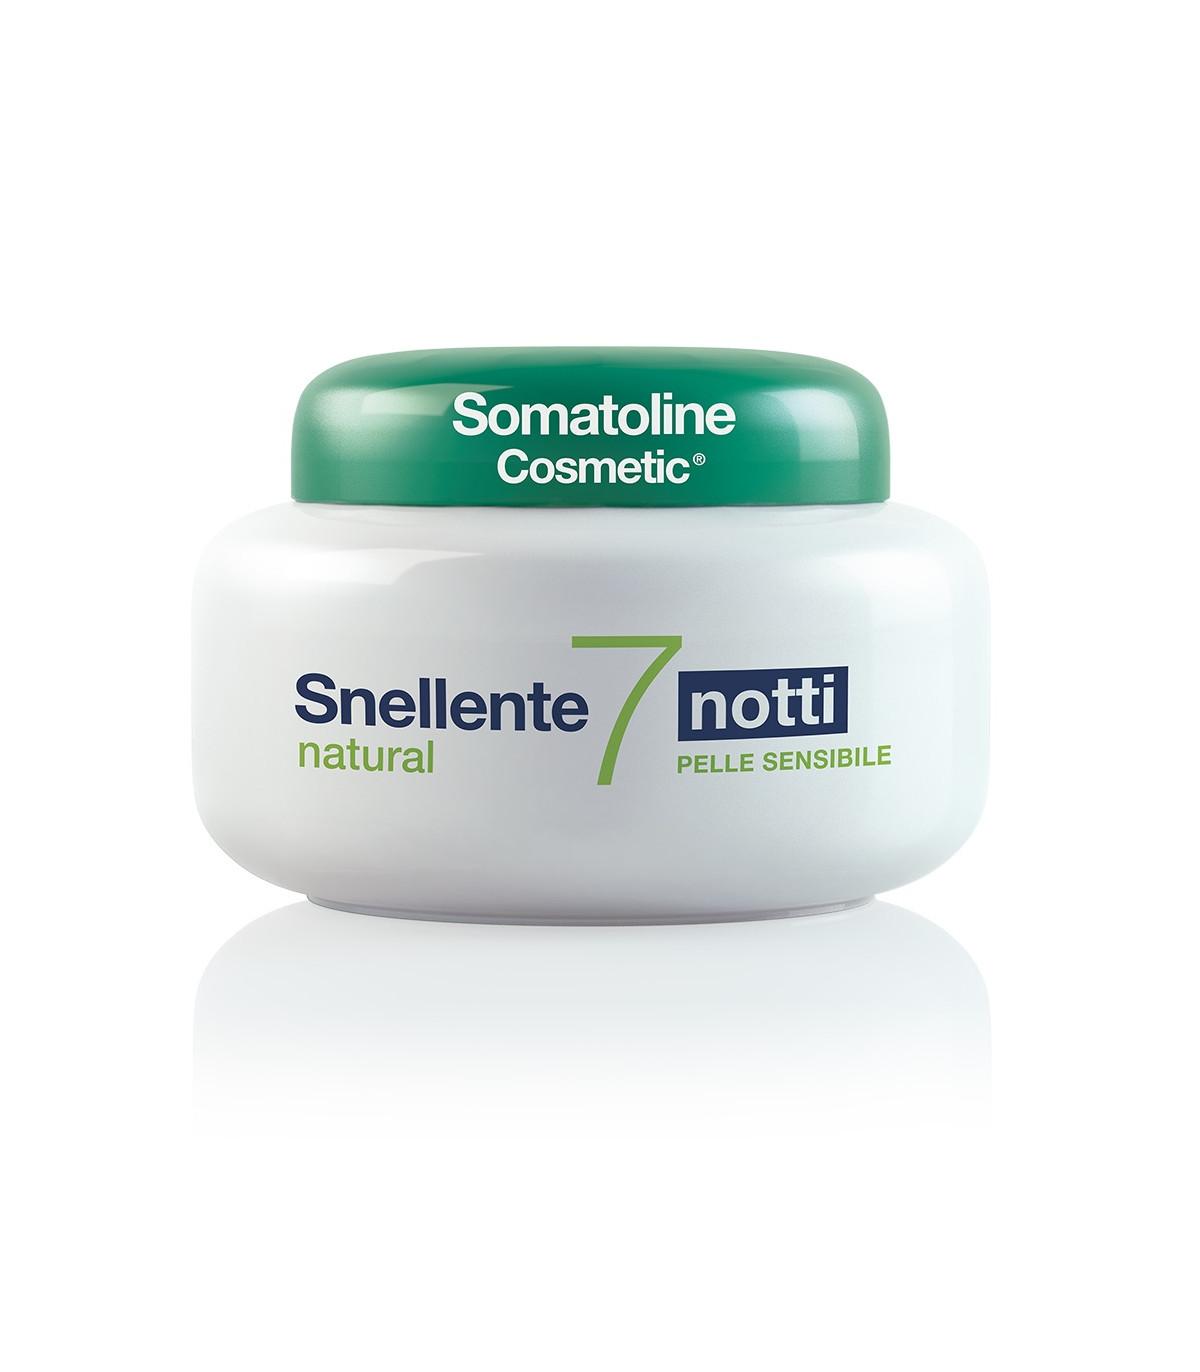 SOMATOLINE COSMETIC SNELLENTE NATURAL 7 NOTTI 400 ML - Farmapage.it